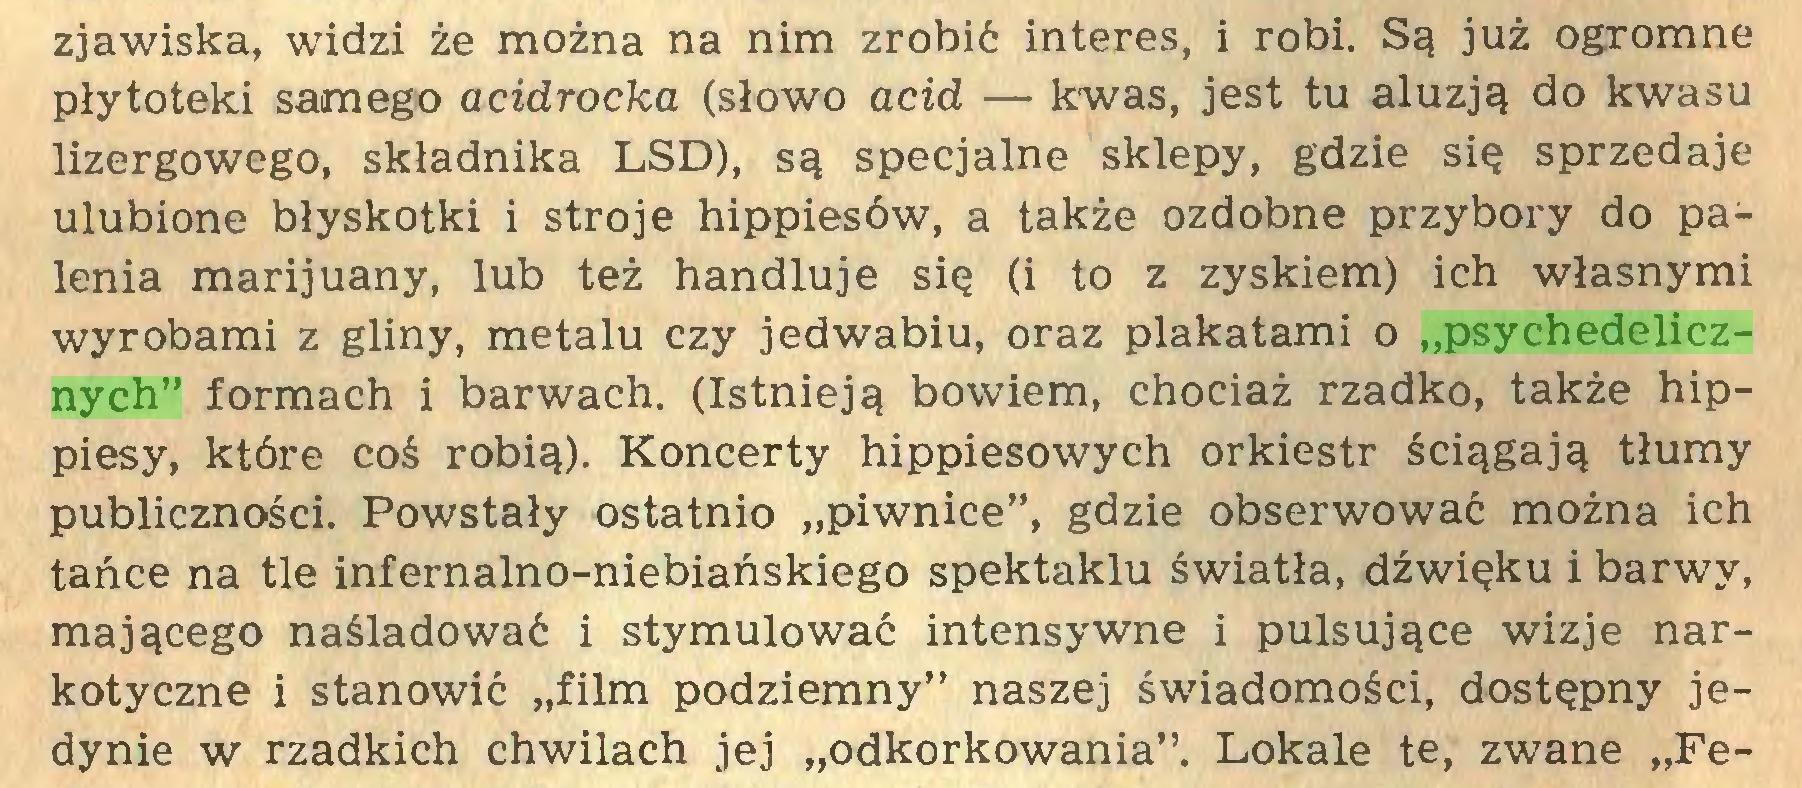 """(...) zjawiska, widzi że można na nim zrobić interes, i robi. Są już ogromne płytoteki samego acidrocka (słowo acid — kwas, jest tu aluzją do kwasu lizergowego, składnika LSD), są specjalne sklepy, gdzie się sprzedaje ulubione błyskotki i stroje hippiesów, a także ozdobne przybory do palenia marijuany, lub też handluje się (i to z zyskiem) ich własnymi wyrobami z gliny, metalu czy jedwabiu, oraz plakatami o """"psychodelicznych"""" formach i barwach. (Istnieją bowiem, chociaż rzadko, także hippiesy, które coś robią). Koncerty hippiesowych orkiestr ściągają tłumy publiczności. Powstały ostatnio """"piwnice"""", gdzie obserwować można ich tańce na tle infernalno-niebiańskiego spektaklu światła, dźwięku i barwy, mającego naśladować i stymulować intensywne i pulsujące wizje narkotyczne i stanowić """"film podziemny"""" naszej świadomości, dostępny jedynie w rzadkich chwilach jej """"odkorkowania"""". Lokale te, zwane """"Fe..."""